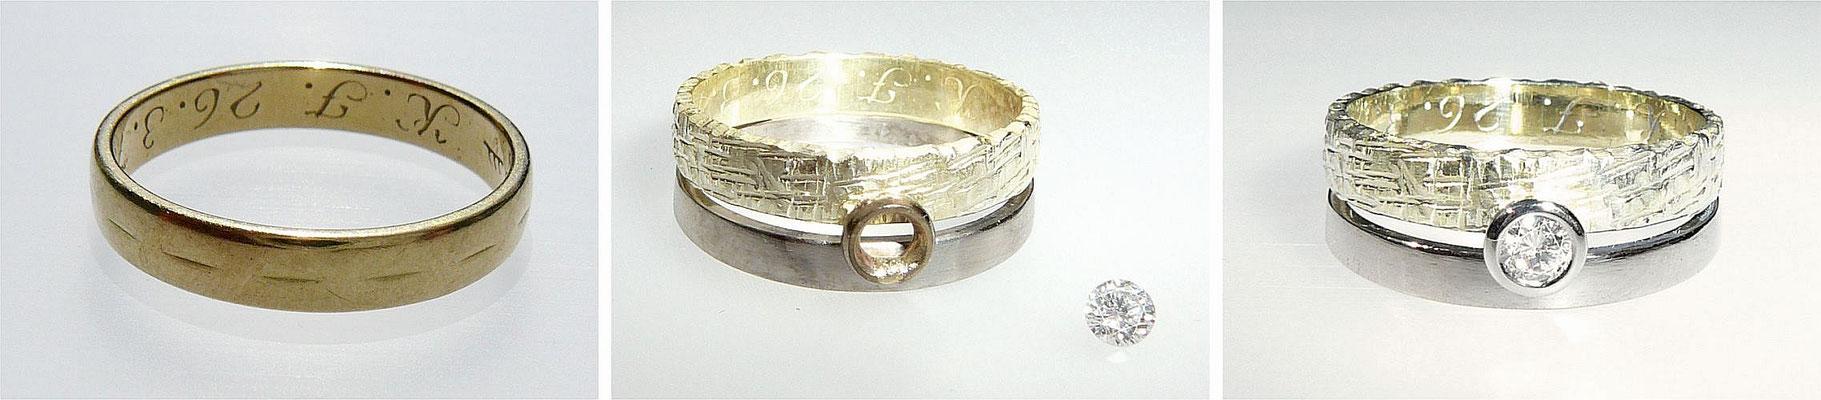 Kunden-Trauring an Ring gelötet und Brillant-Fassung aus Weißgold